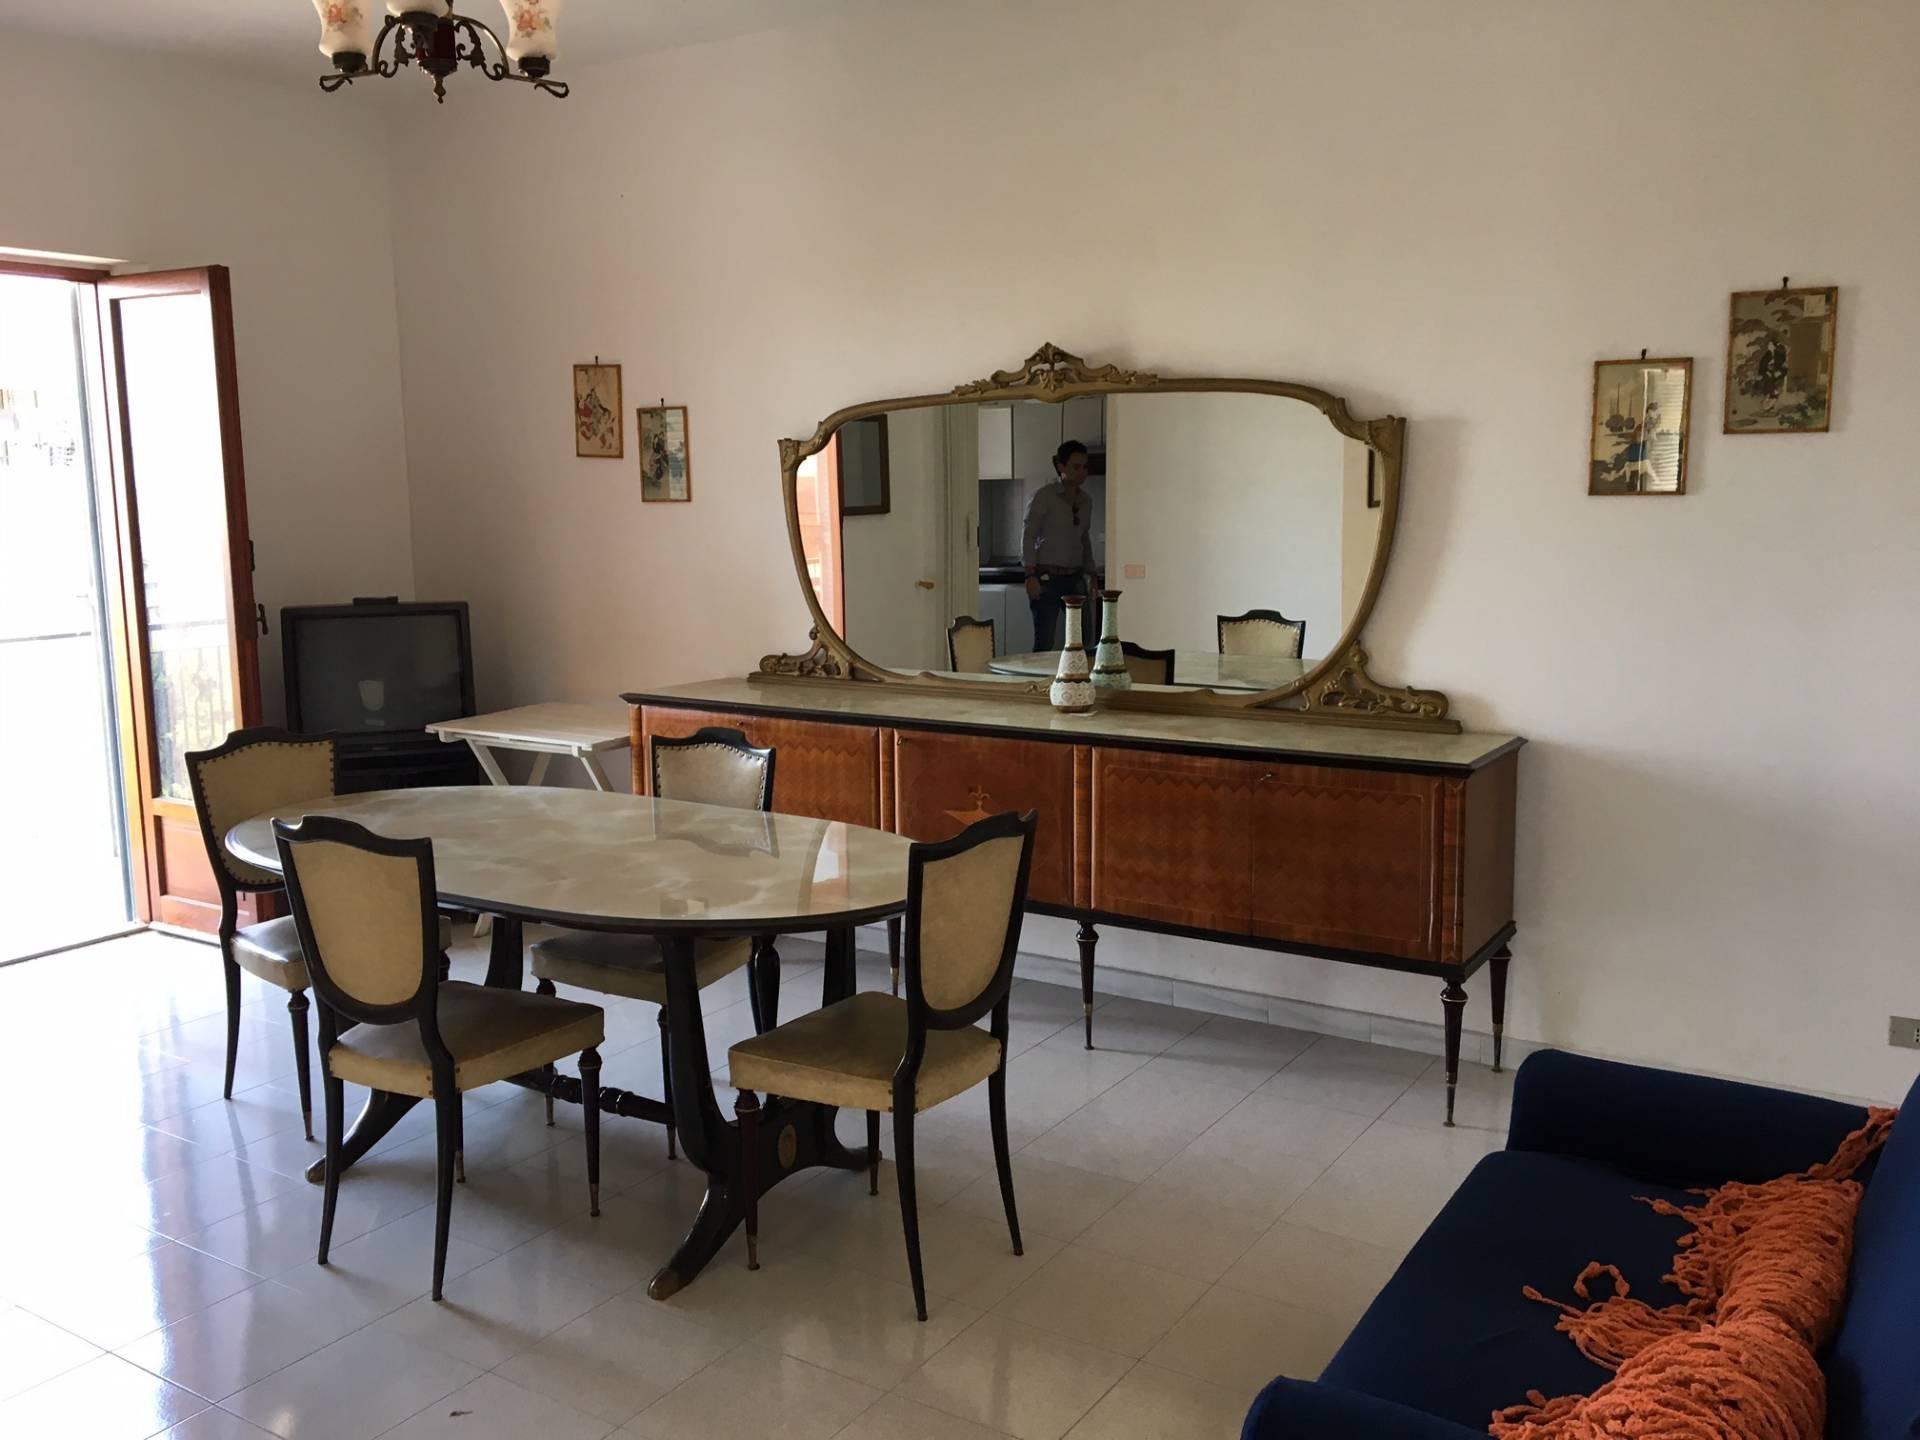 Appartamento in vendita a Badolato, 3 locali, zona Località: BadolatoMarina, prezzo € 66.000 | Cambio Casa.it